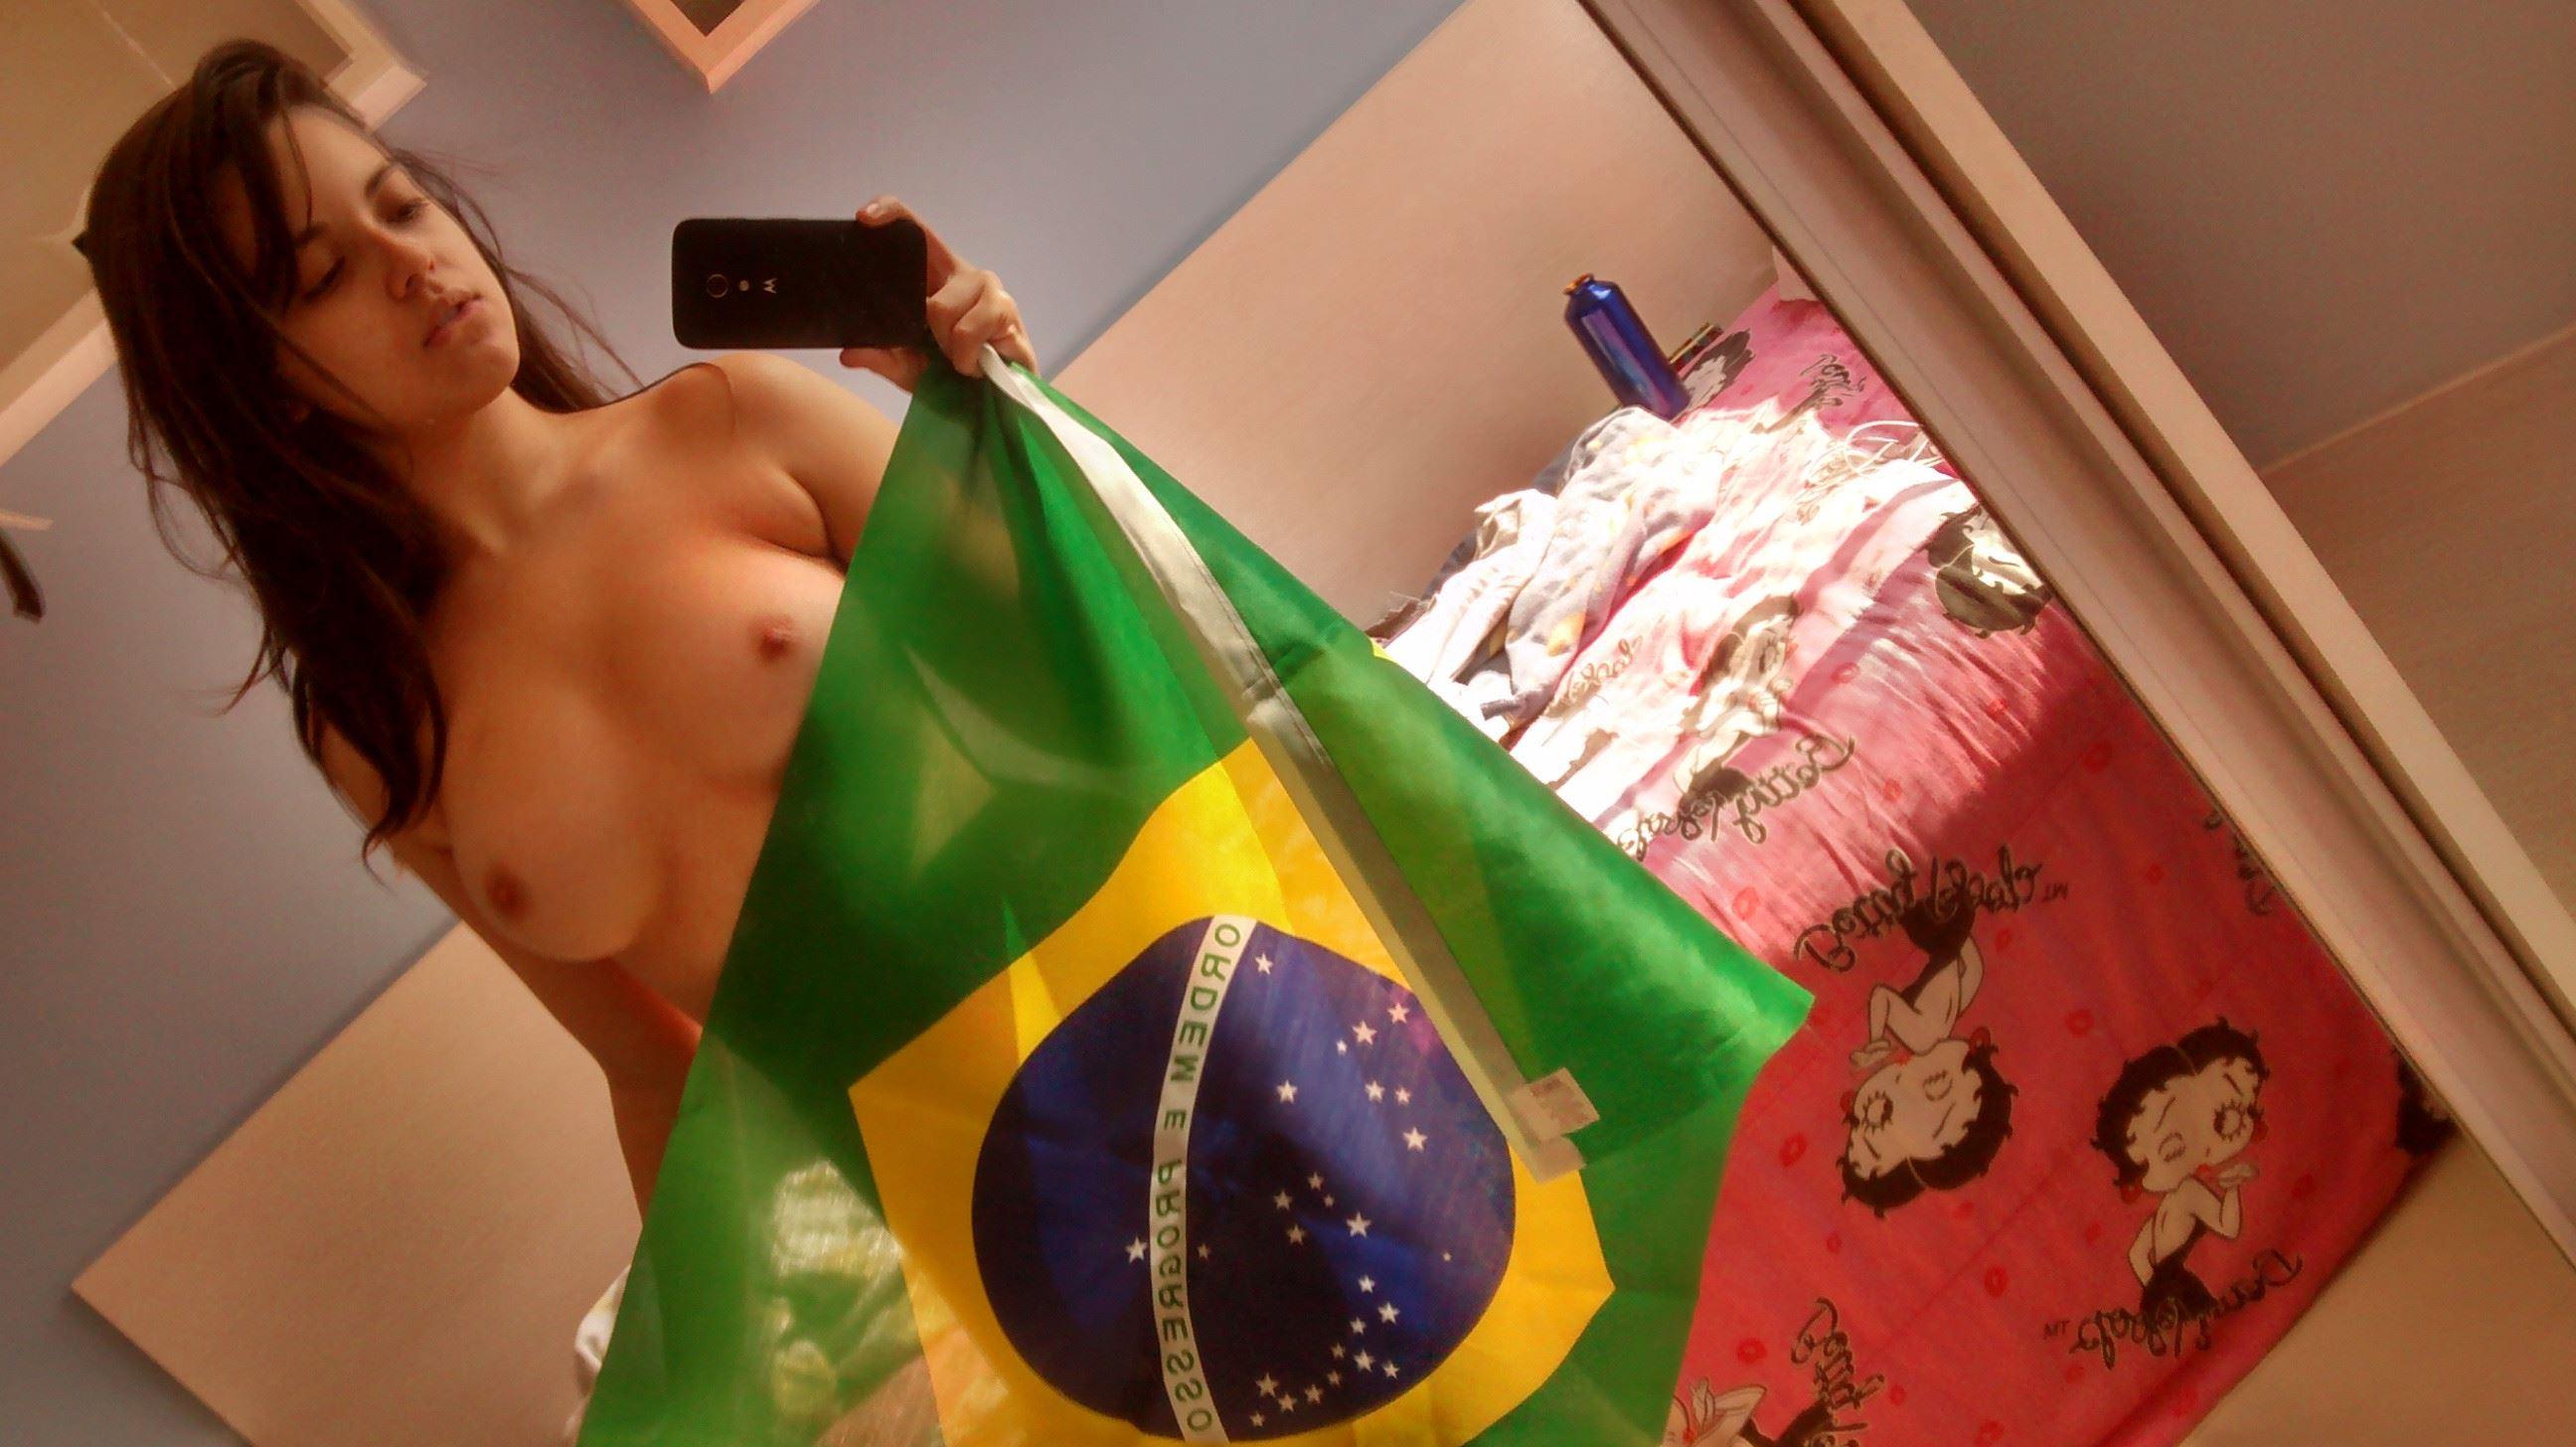 経験豊富なブラジル系女子の裸体エロすぎだろ・・・・(38枚)・9枚目